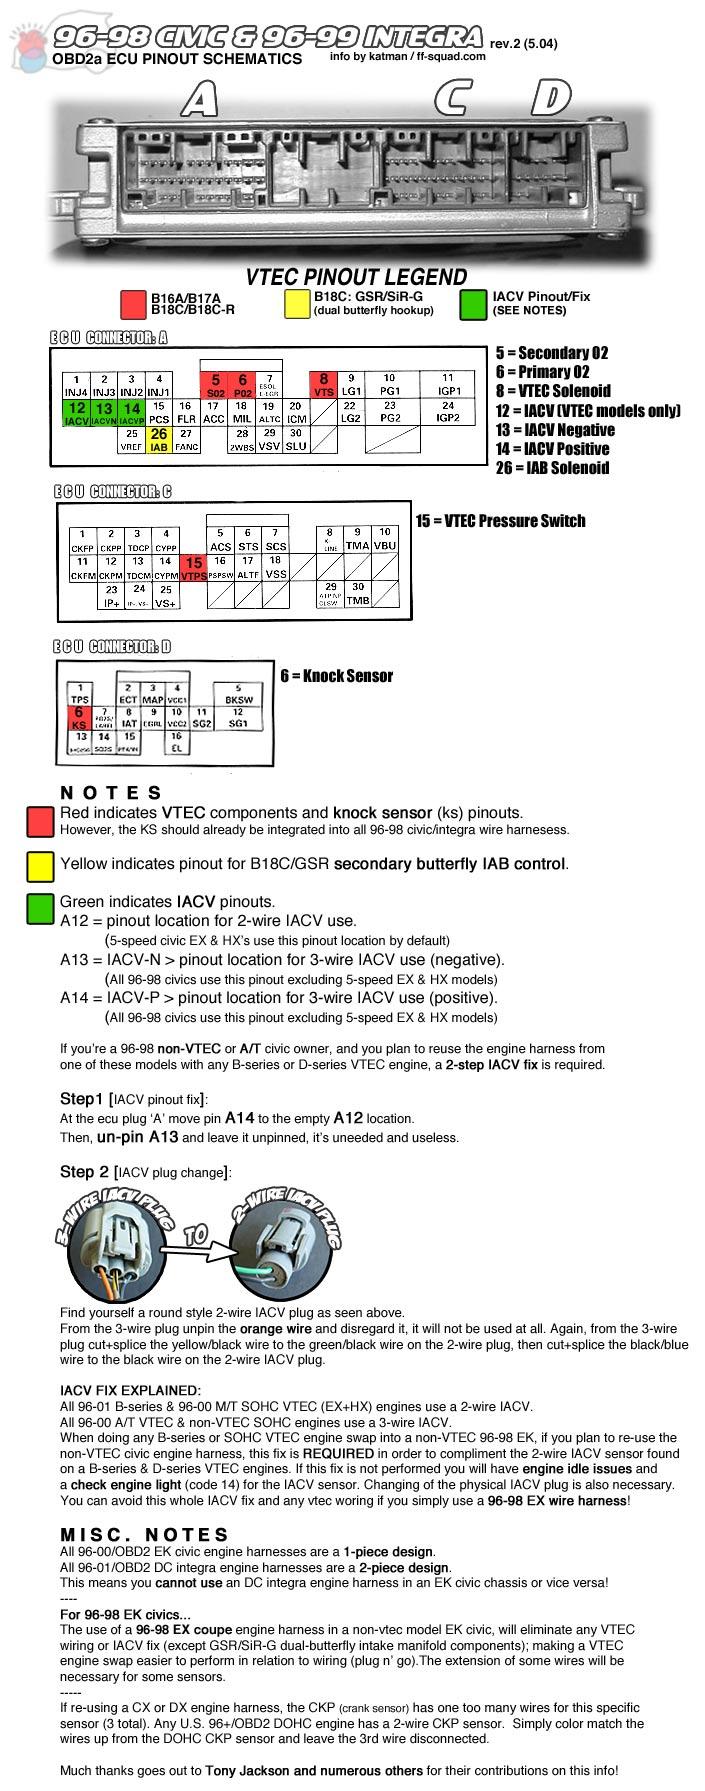 honda obd2 civic ecu wiring diagram